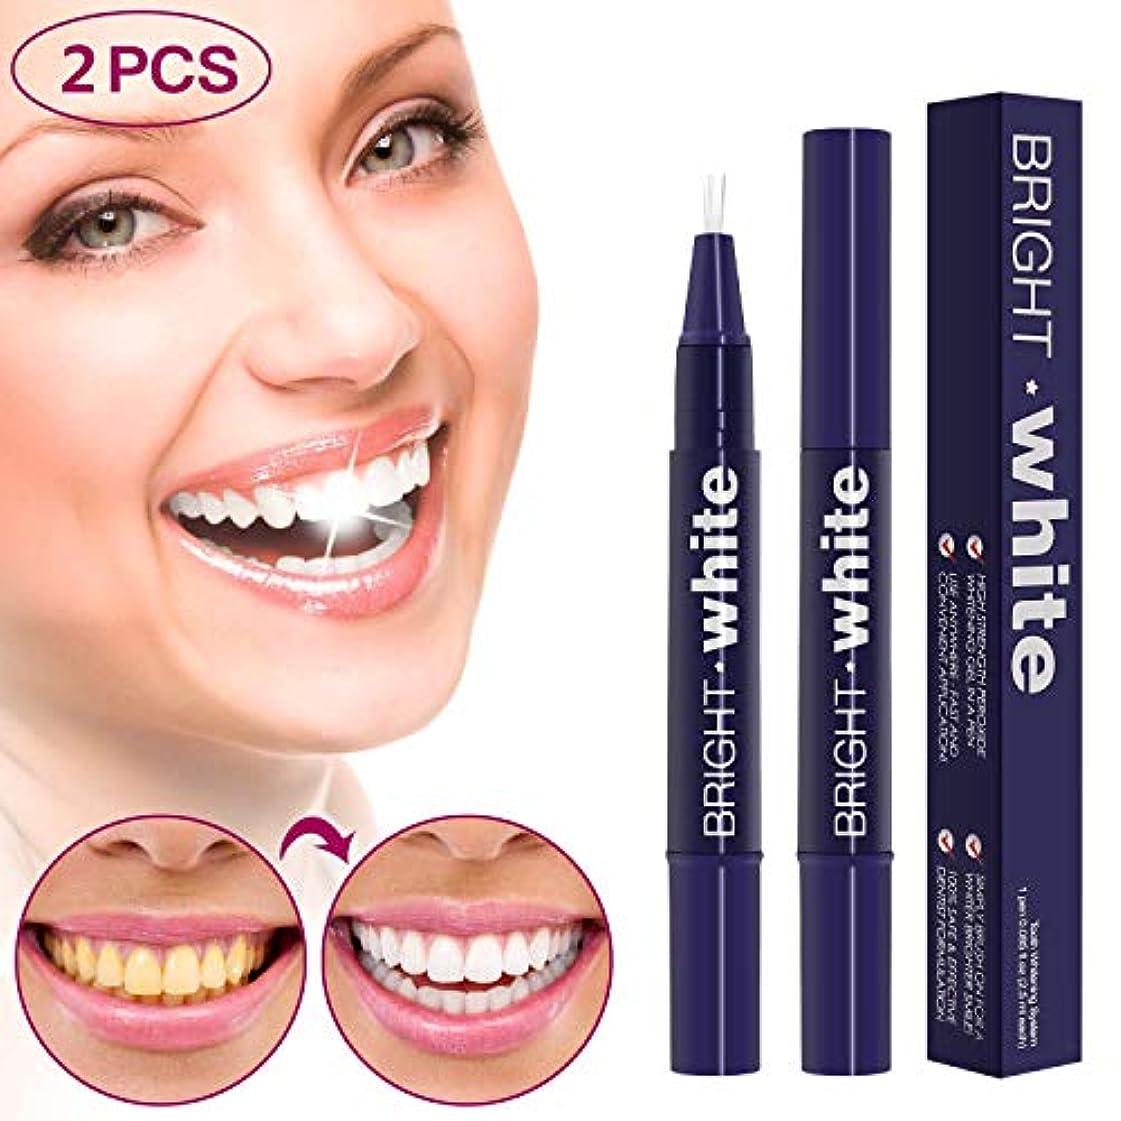 フロントもう一度バンドルOdette 2019 歯のホワイトニング 美白歯ゲル 歯 ホワイトニングペン ホワイトニングペン 歯ブラシ 輝く笑顔 口臭防止 歯周病防止 2本